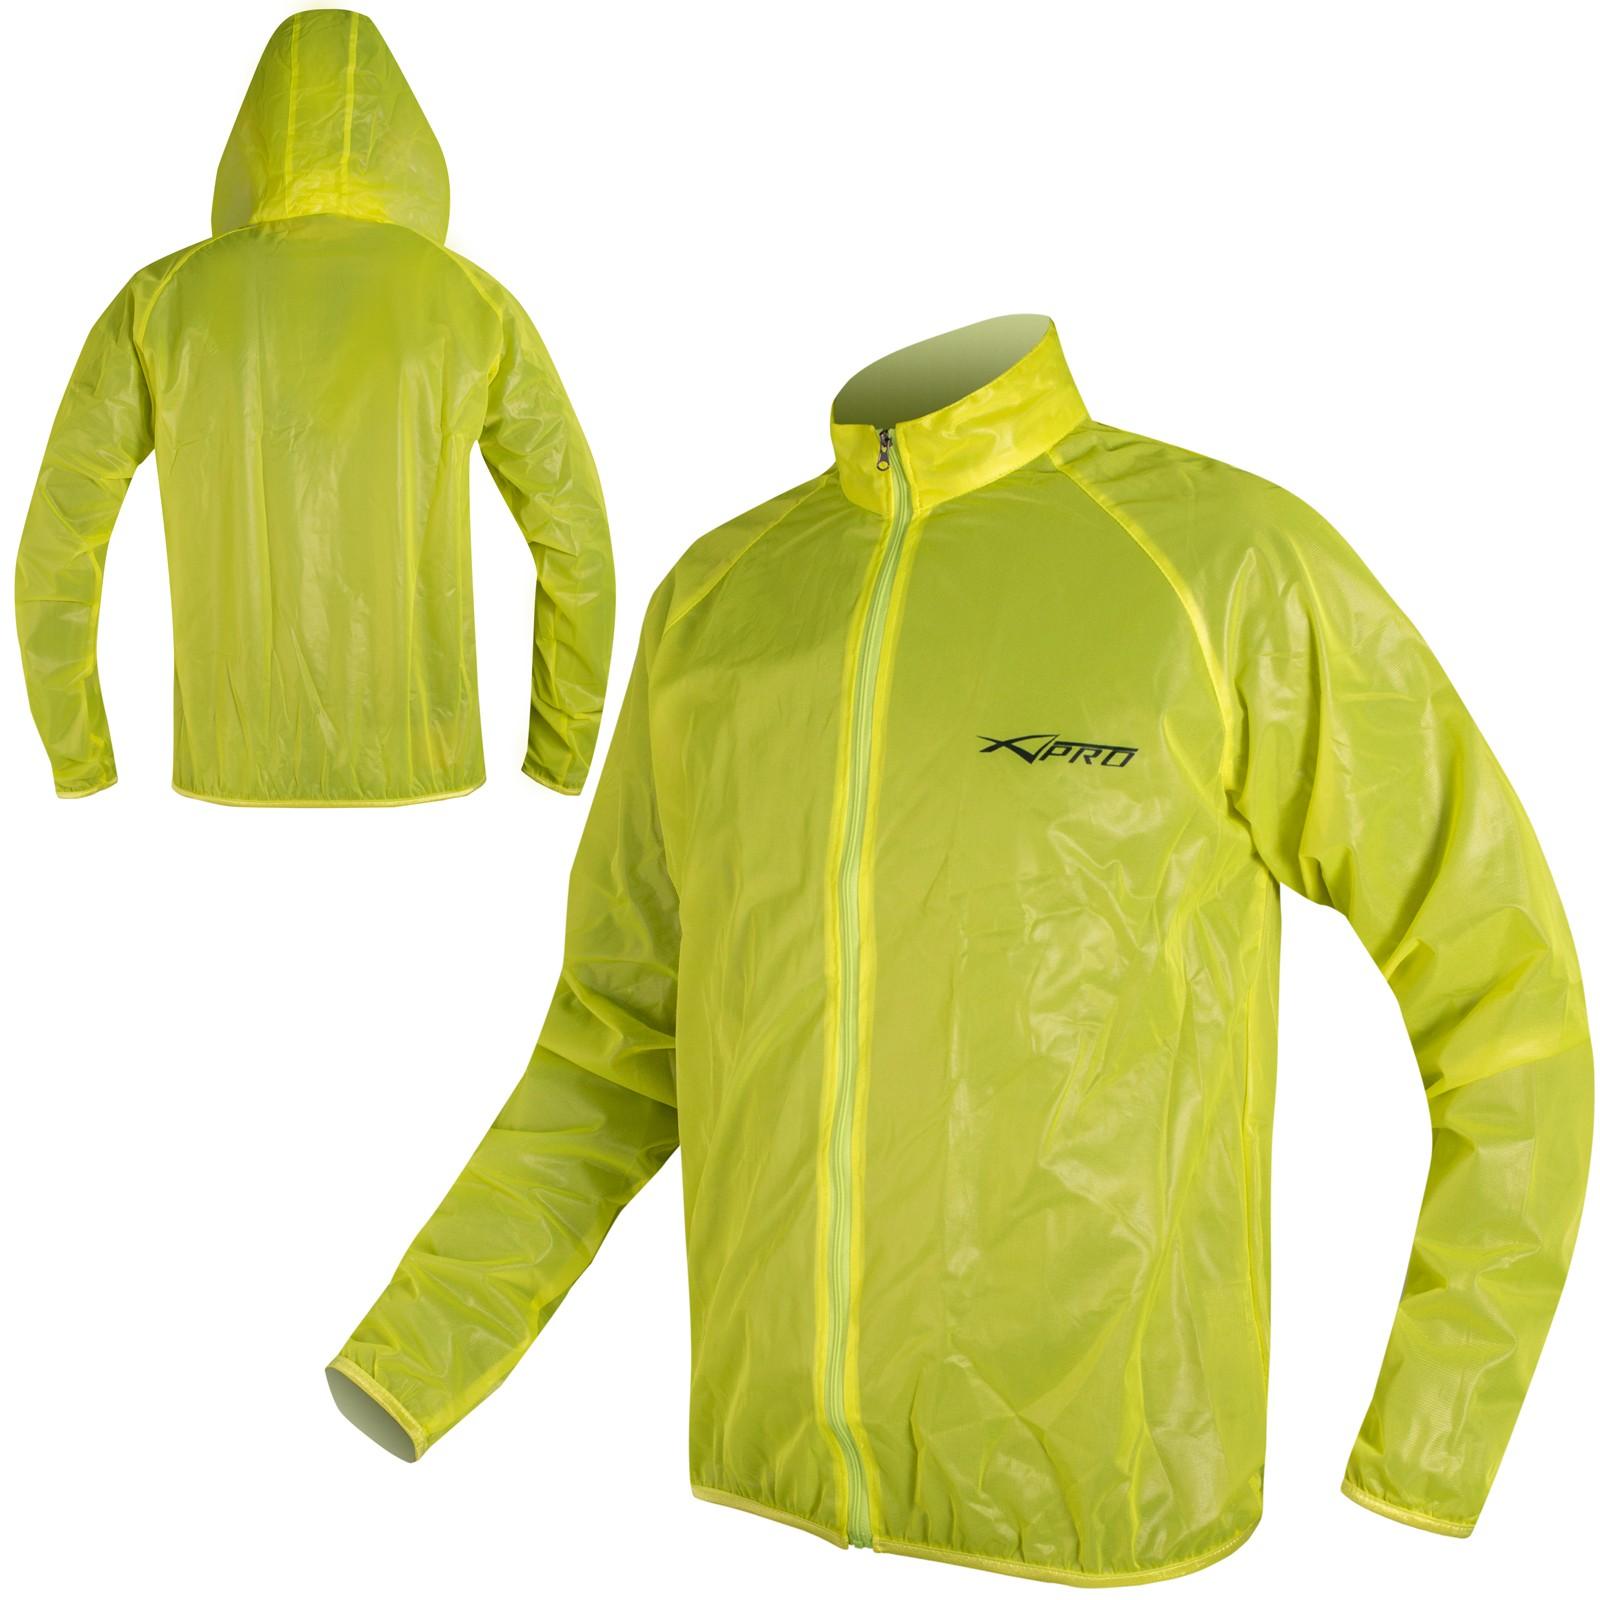 Tuta Impermeabile Intera Anti Acqua Pioggia Alta Visibilità Riflettente A-PRO Abbigliamento tecnico e protettivo